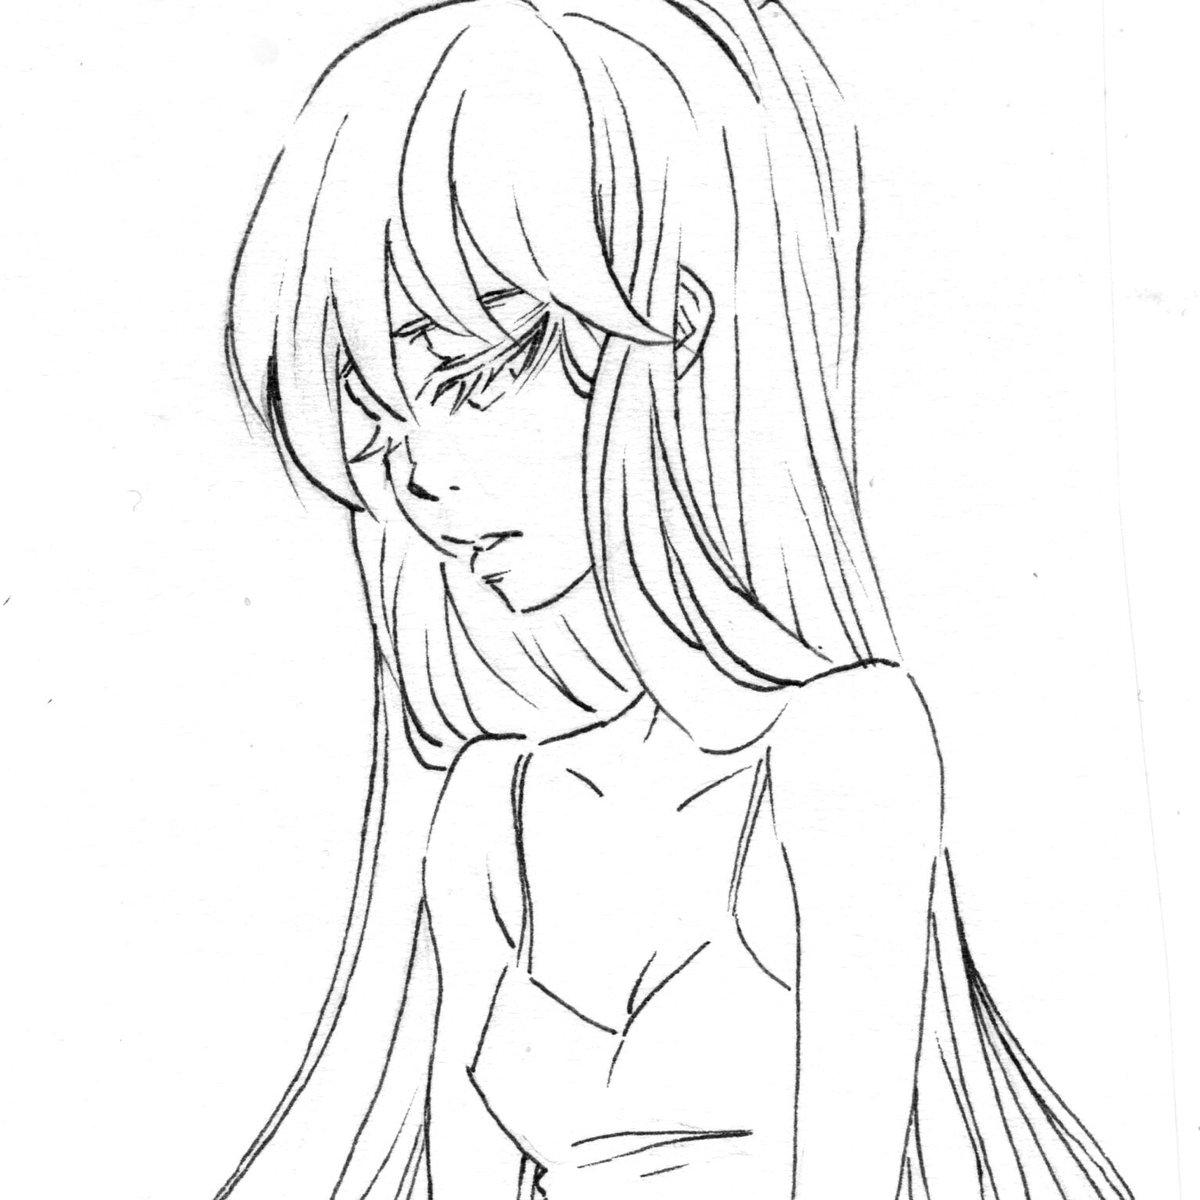 Anime Lineart Girl